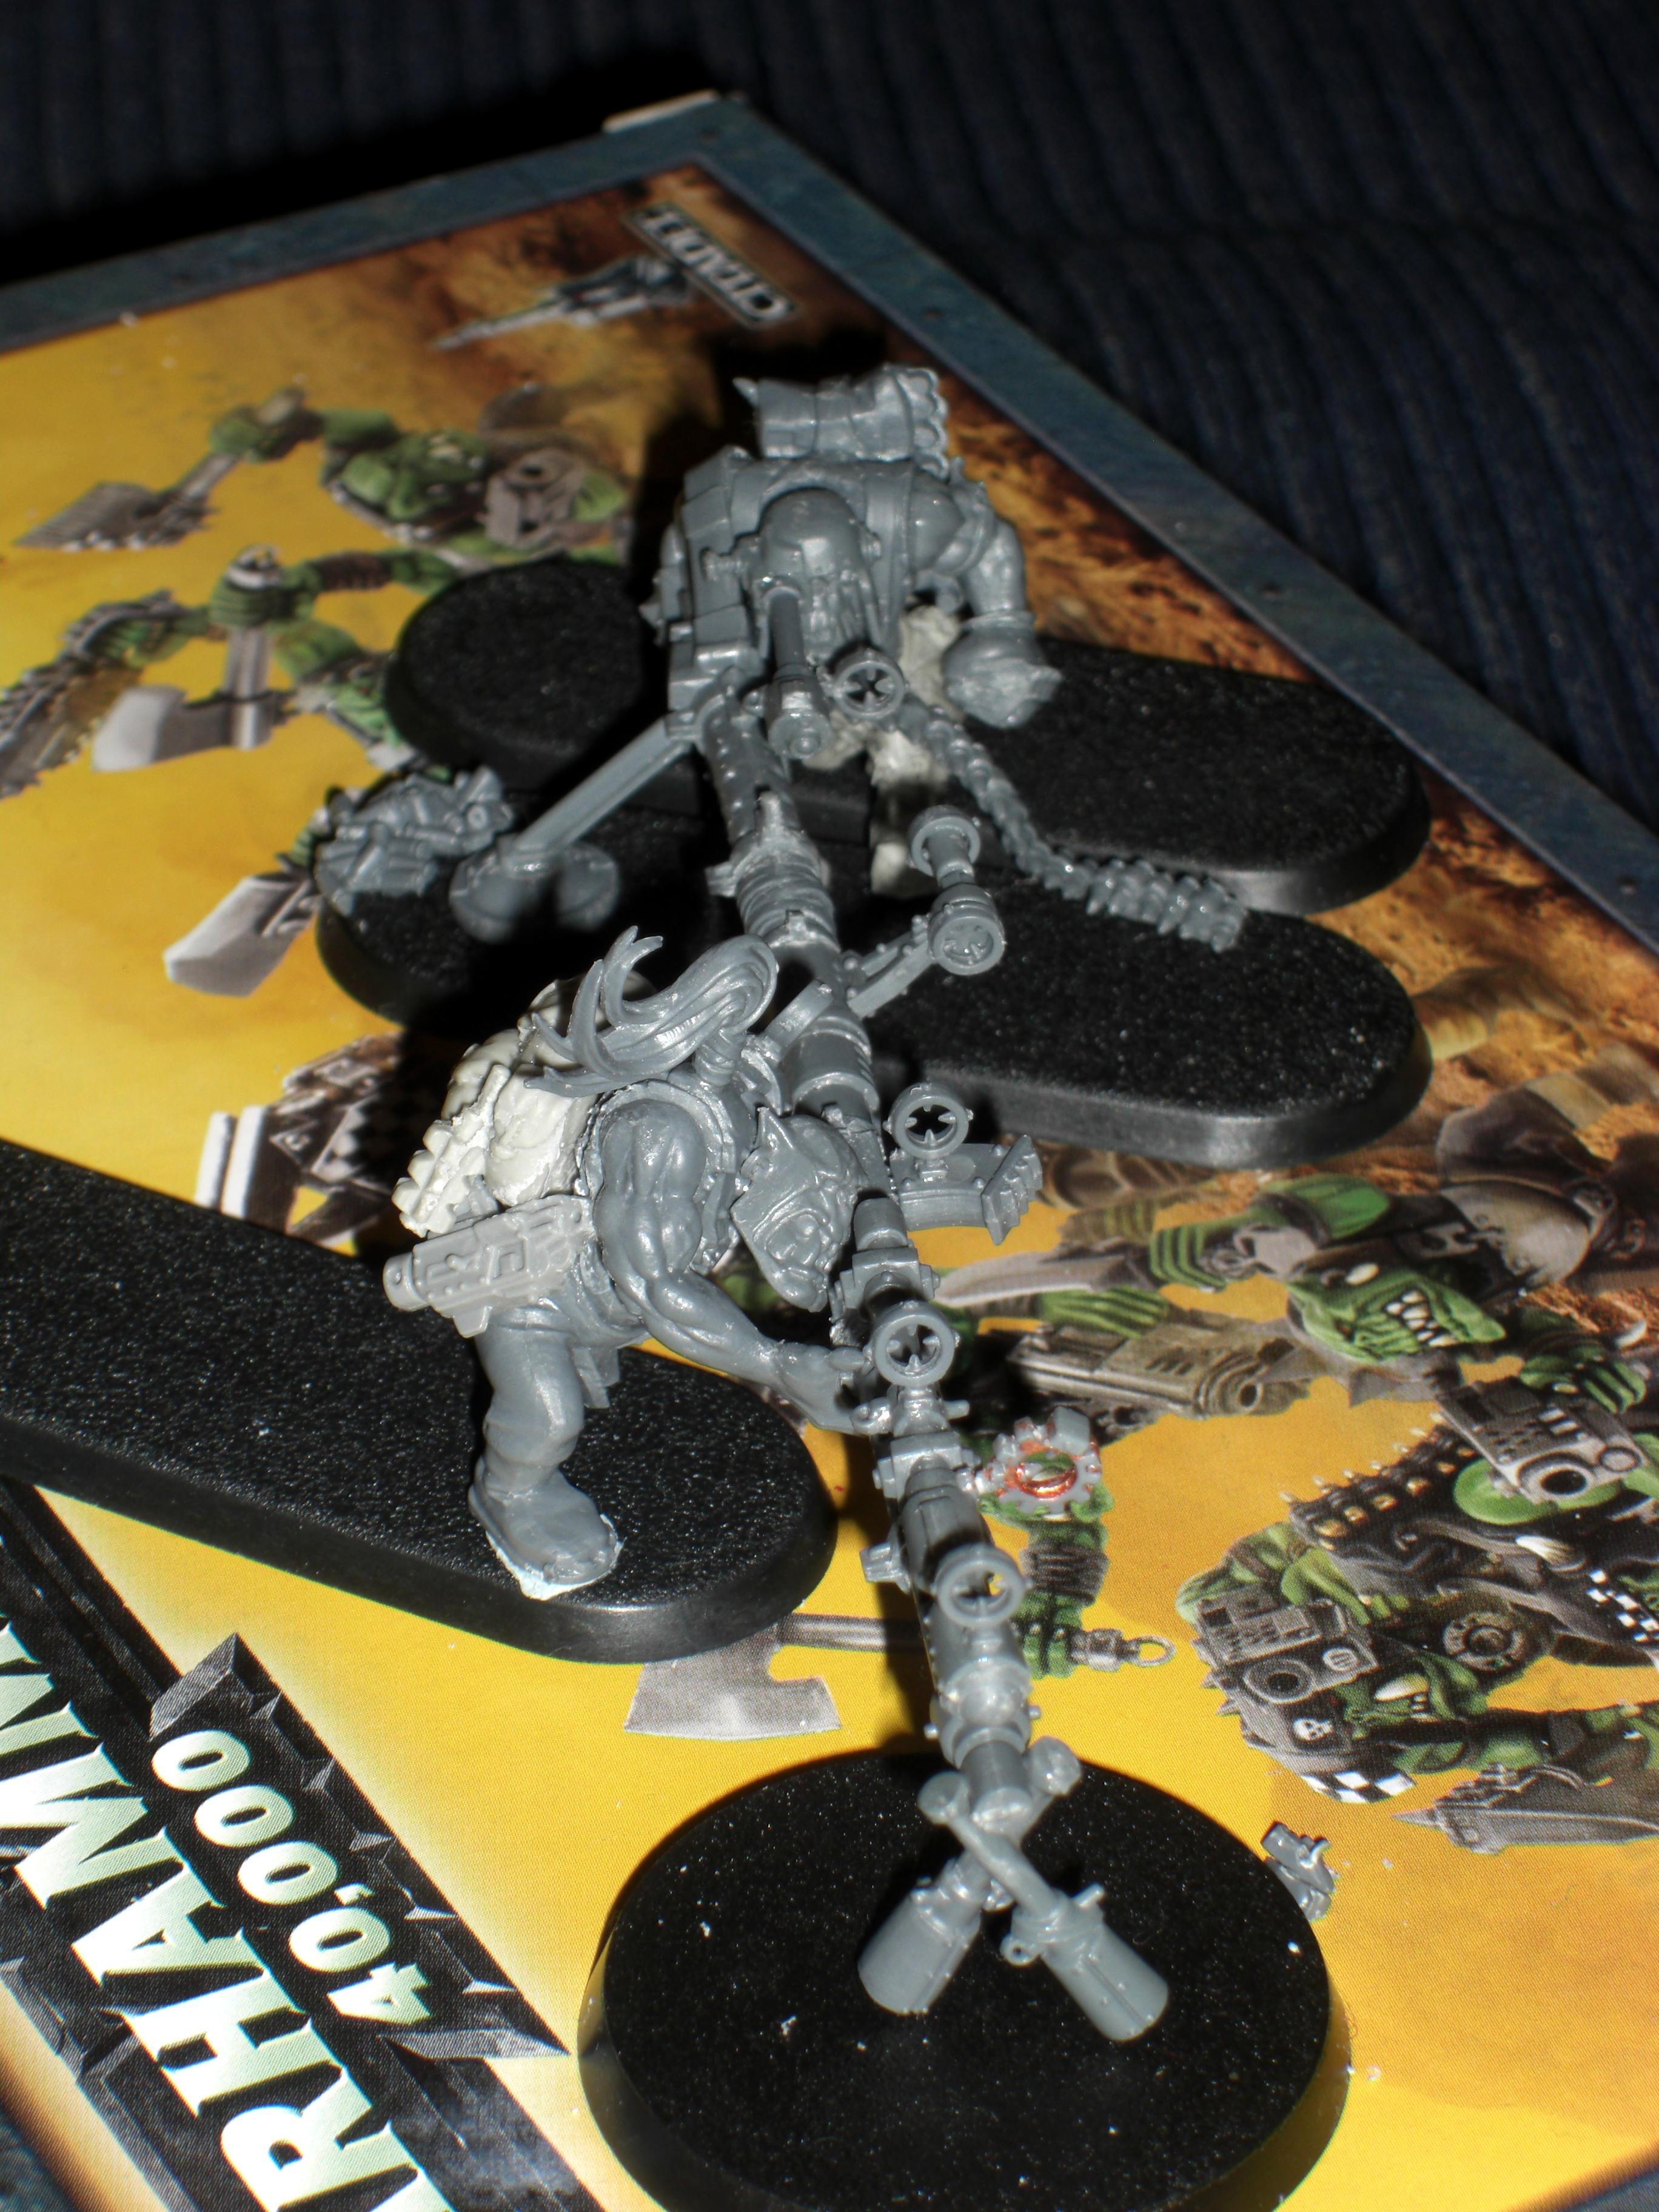 Bash, Kit, Longshot, Ork Sniper Team Wip, Orks, Snipers, Work In Progress